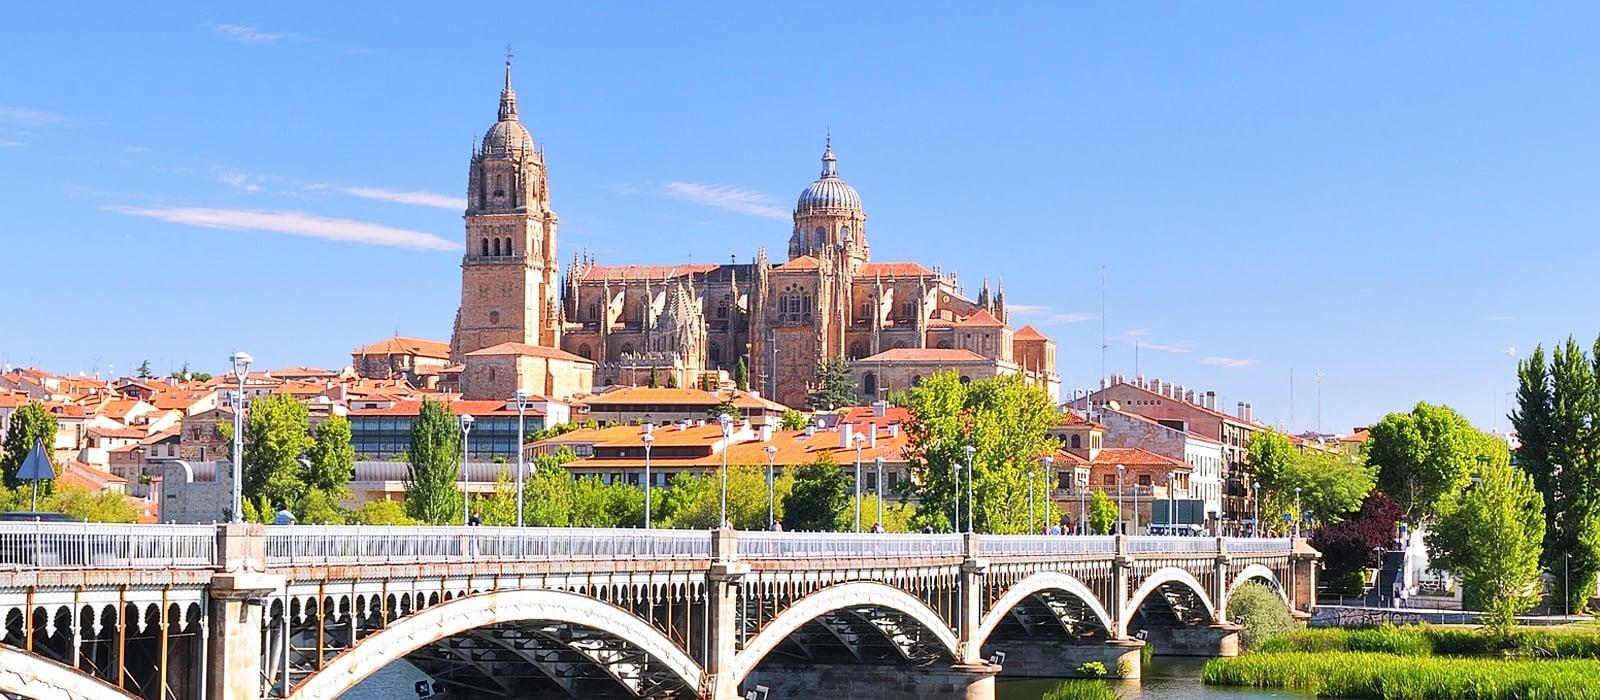 Hoteles Vincci. Die schönsten Hotels in Salamanca